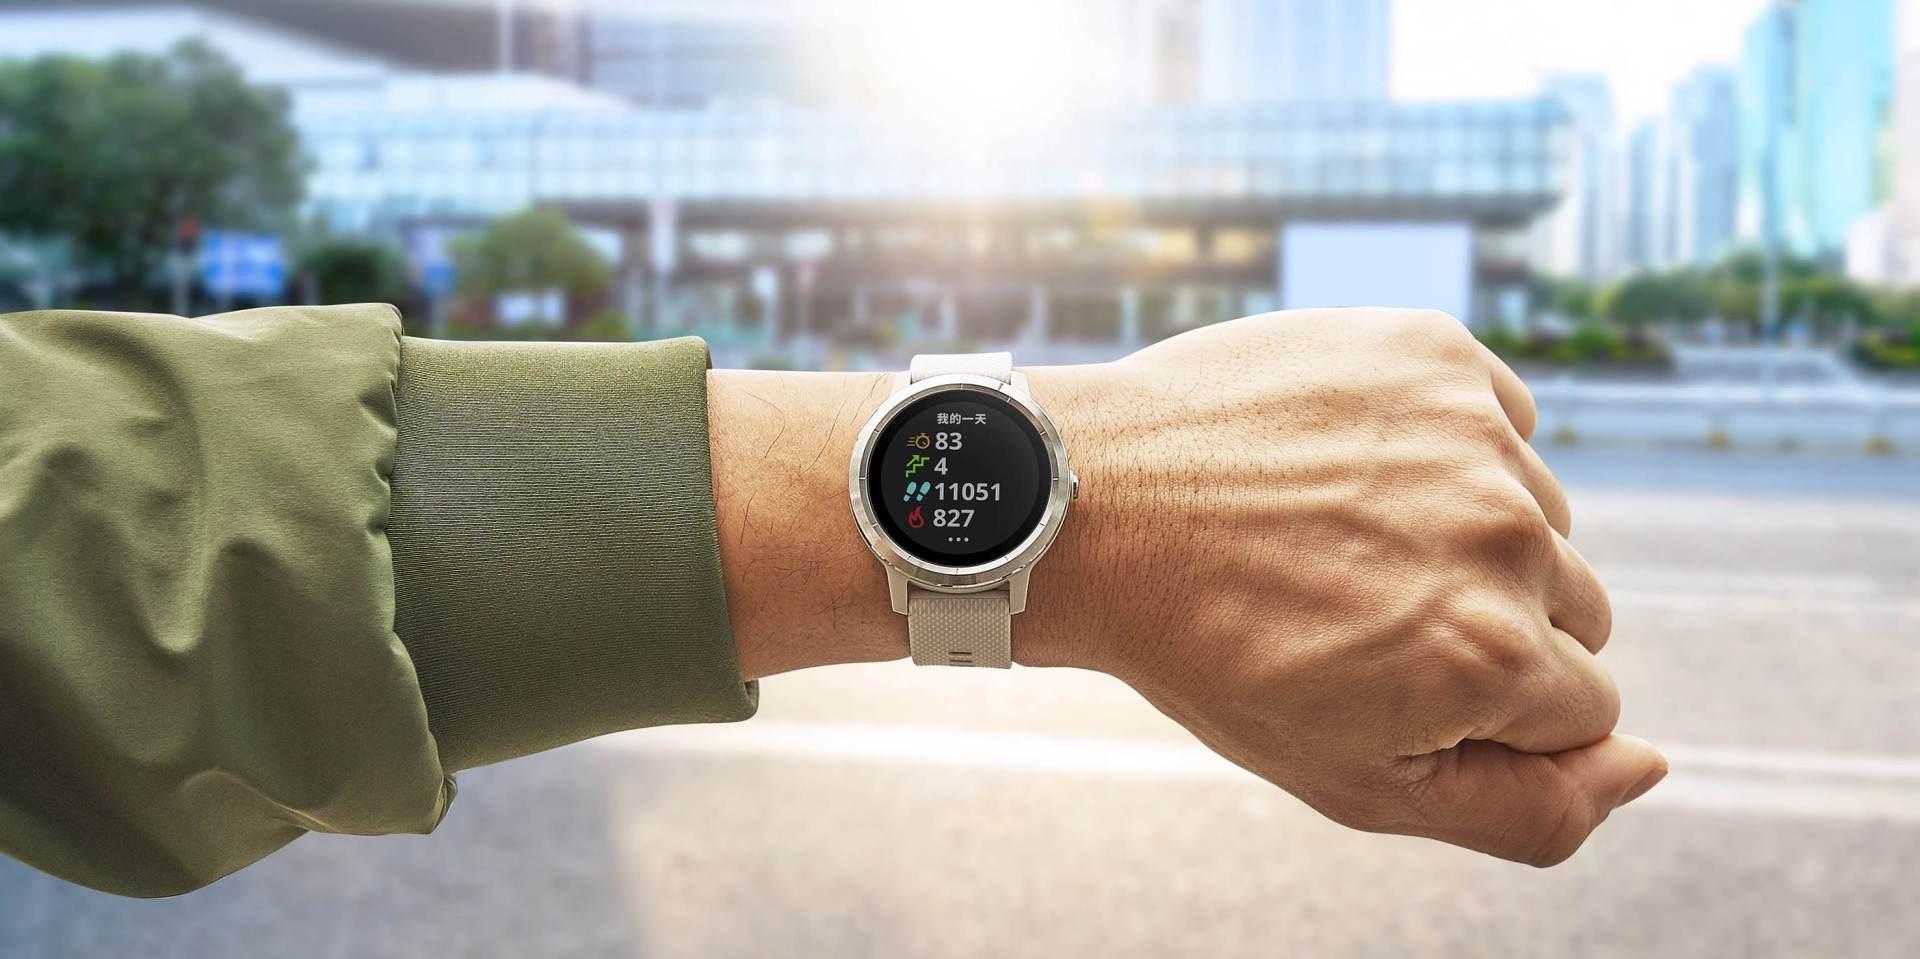 速pay您的都會健康生活:第一支內建悠遊卡的智慧腕錶—Garmin全新vivolife問世